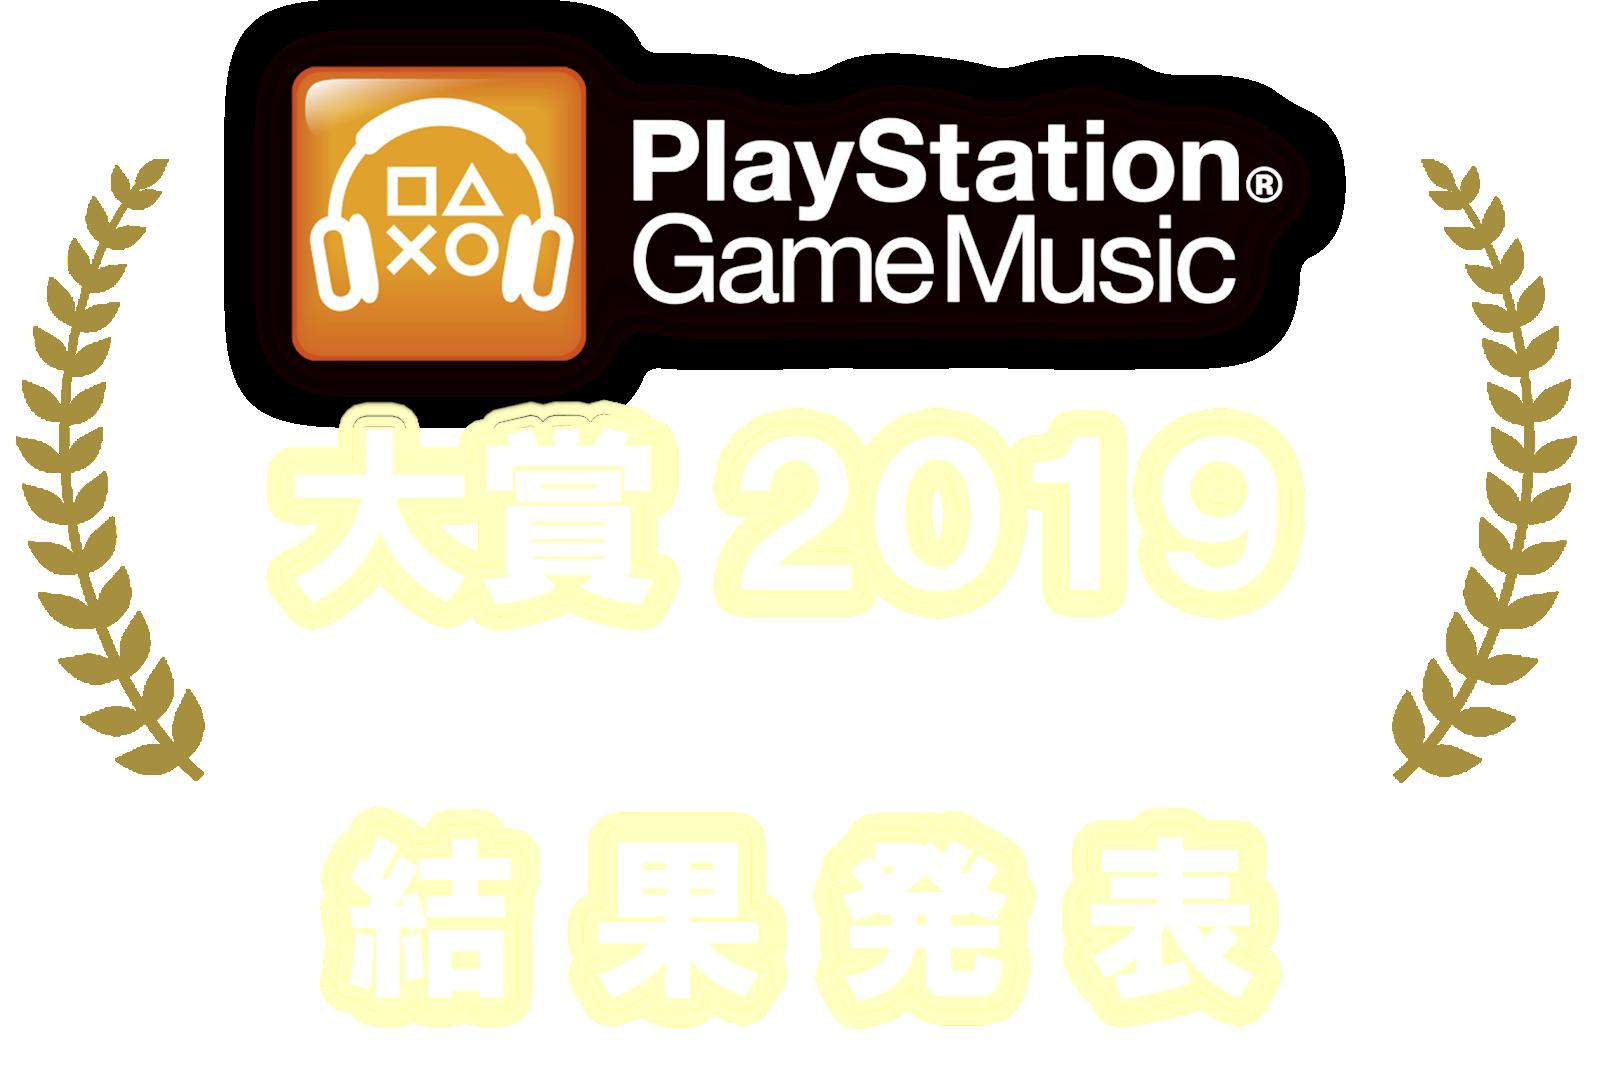 君の再生&コメントが大賞を決める! PlayStation Game Music大賞2019 結果発表